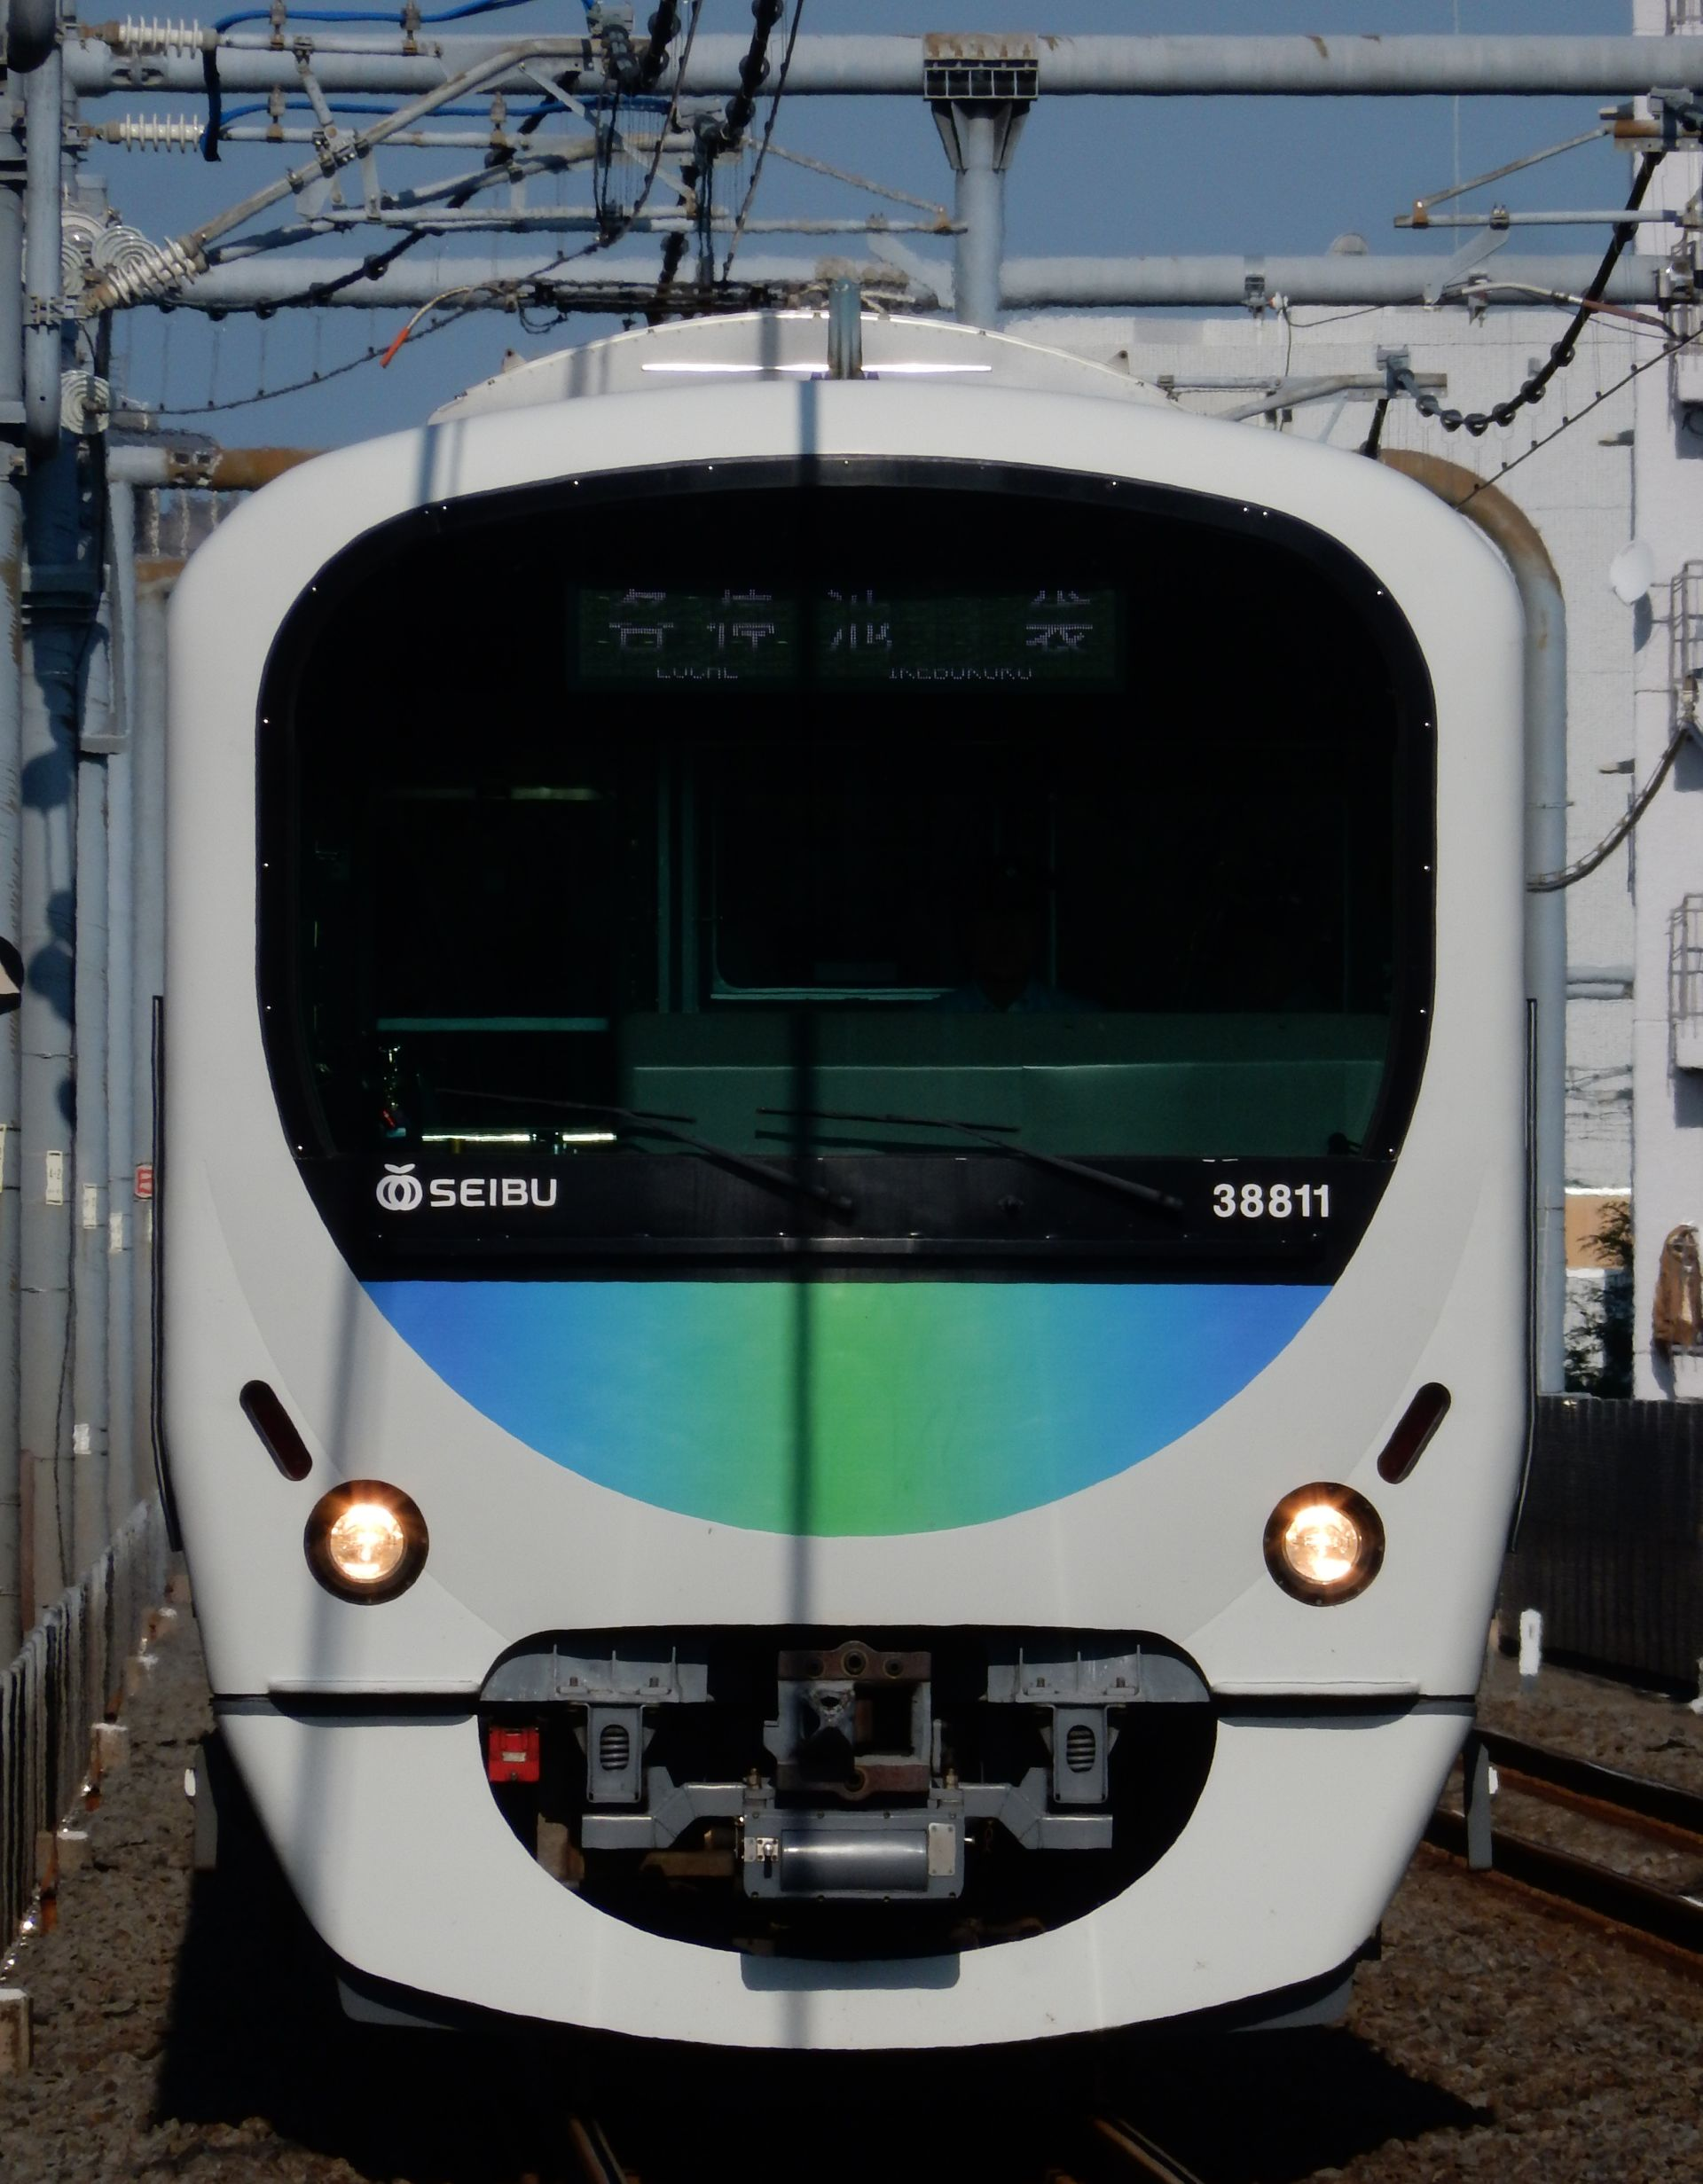 DSCN0800 - コピー